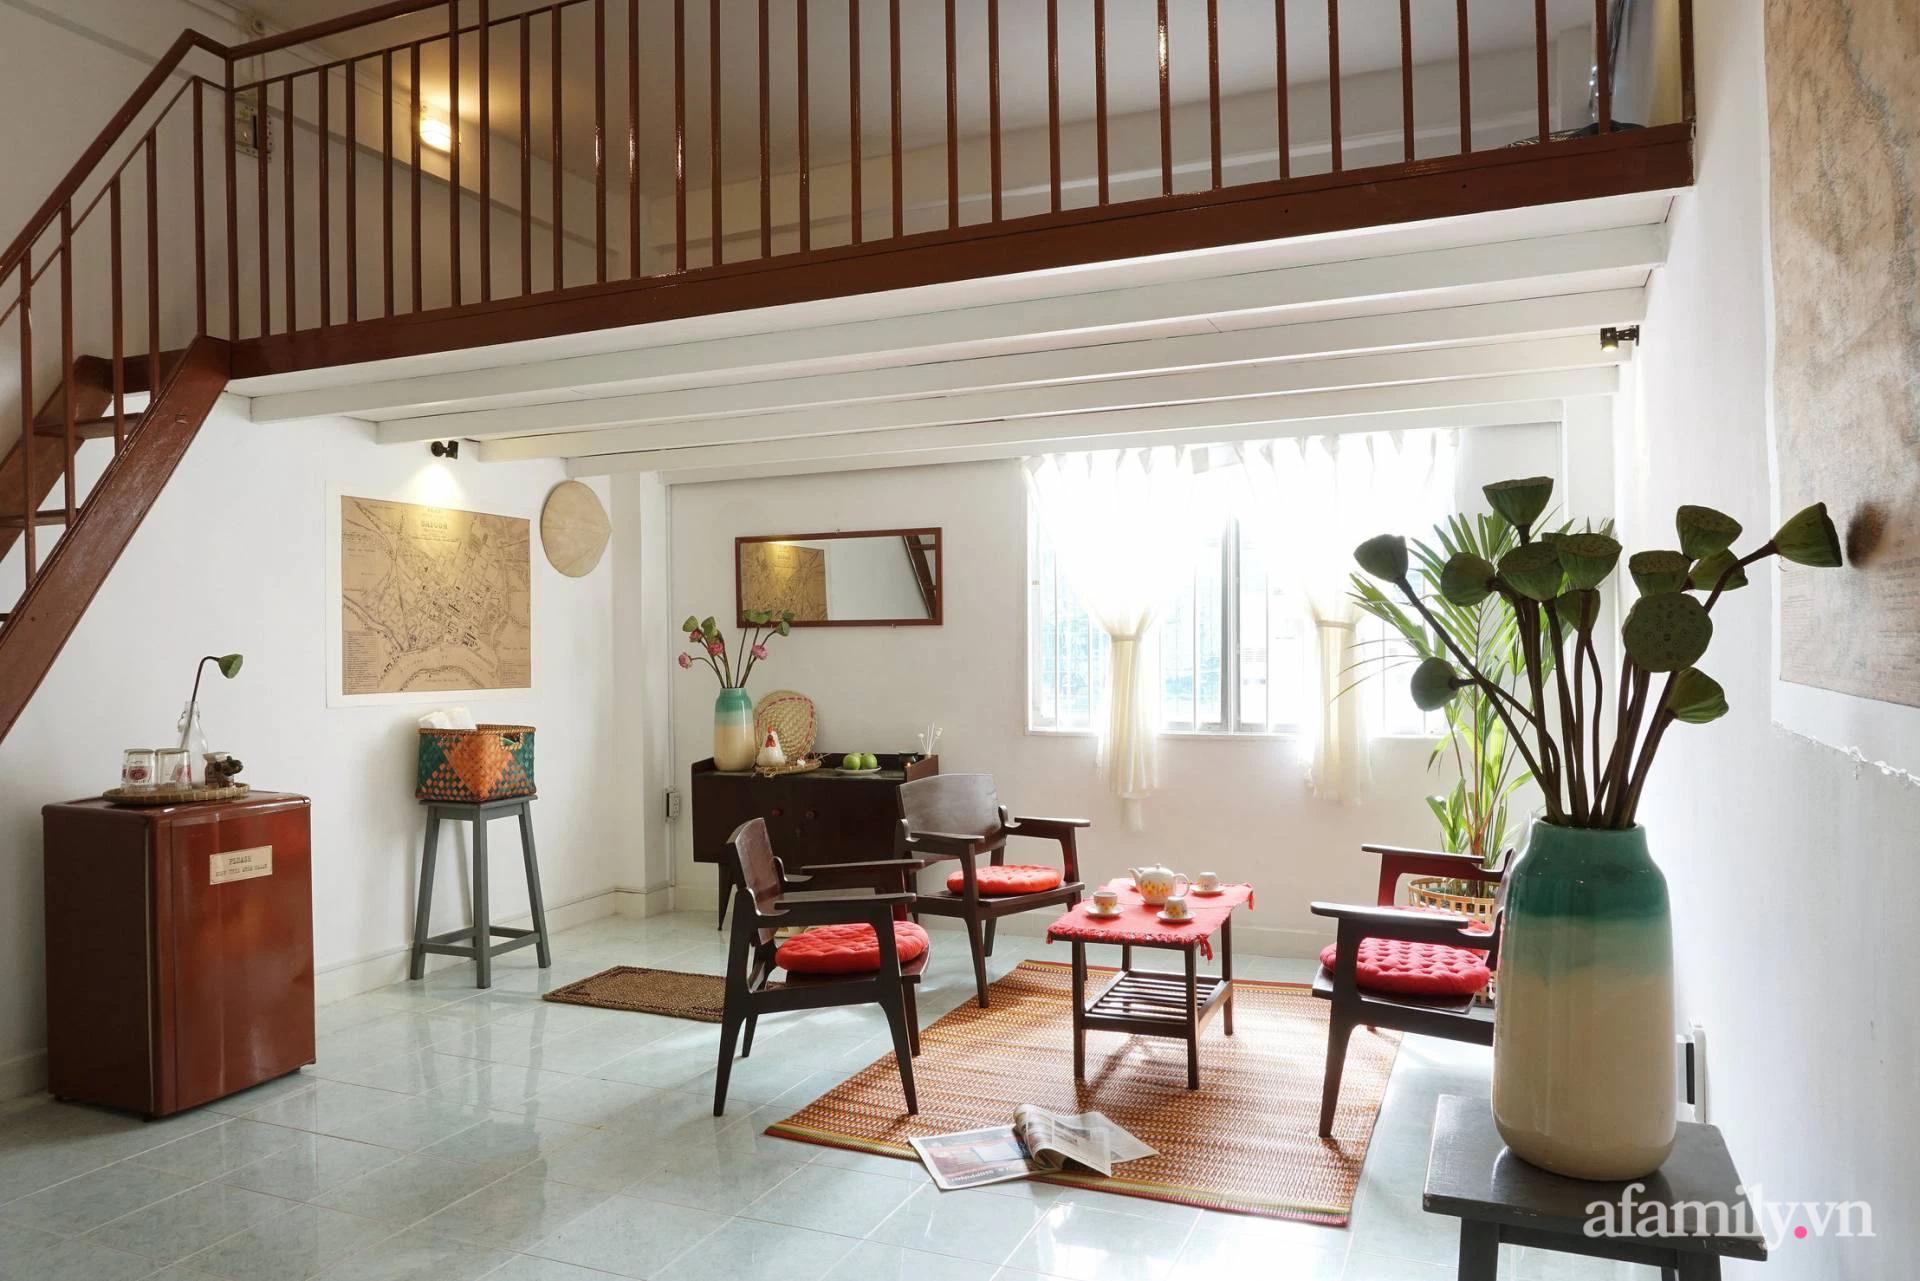 Cải tạo nhà tập thể đẹp hoài cổ lấy cảm hứng từ phong cách Đông Dương có chi phí 120 triệu đồng ở Sài Gòn - Ảnh 2.